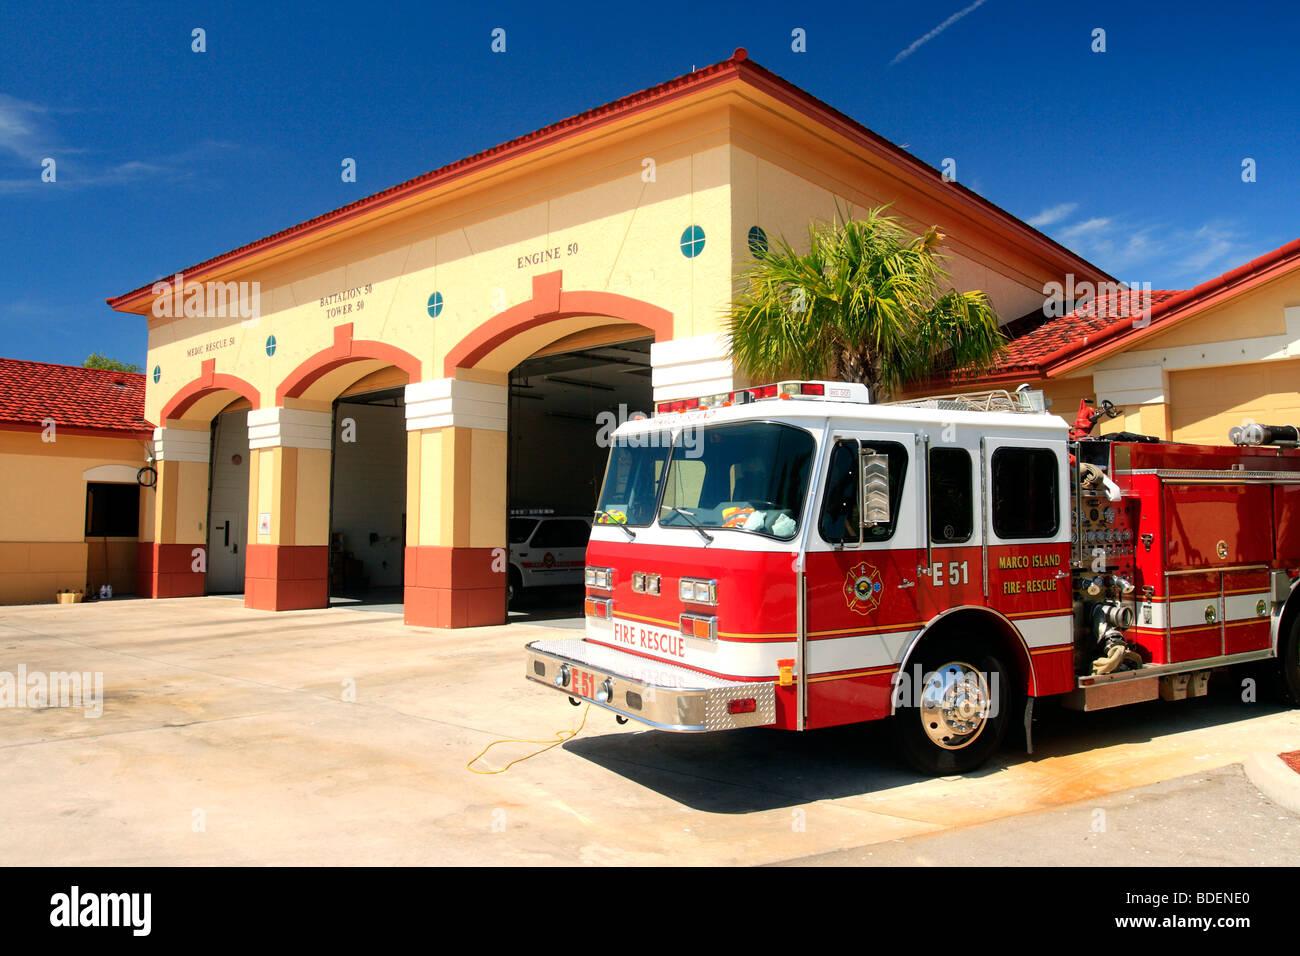 Marco Island Florida USA Feuerwehr zeigt ein Feuer LKW außen und bunten Gebäuden Stockbild